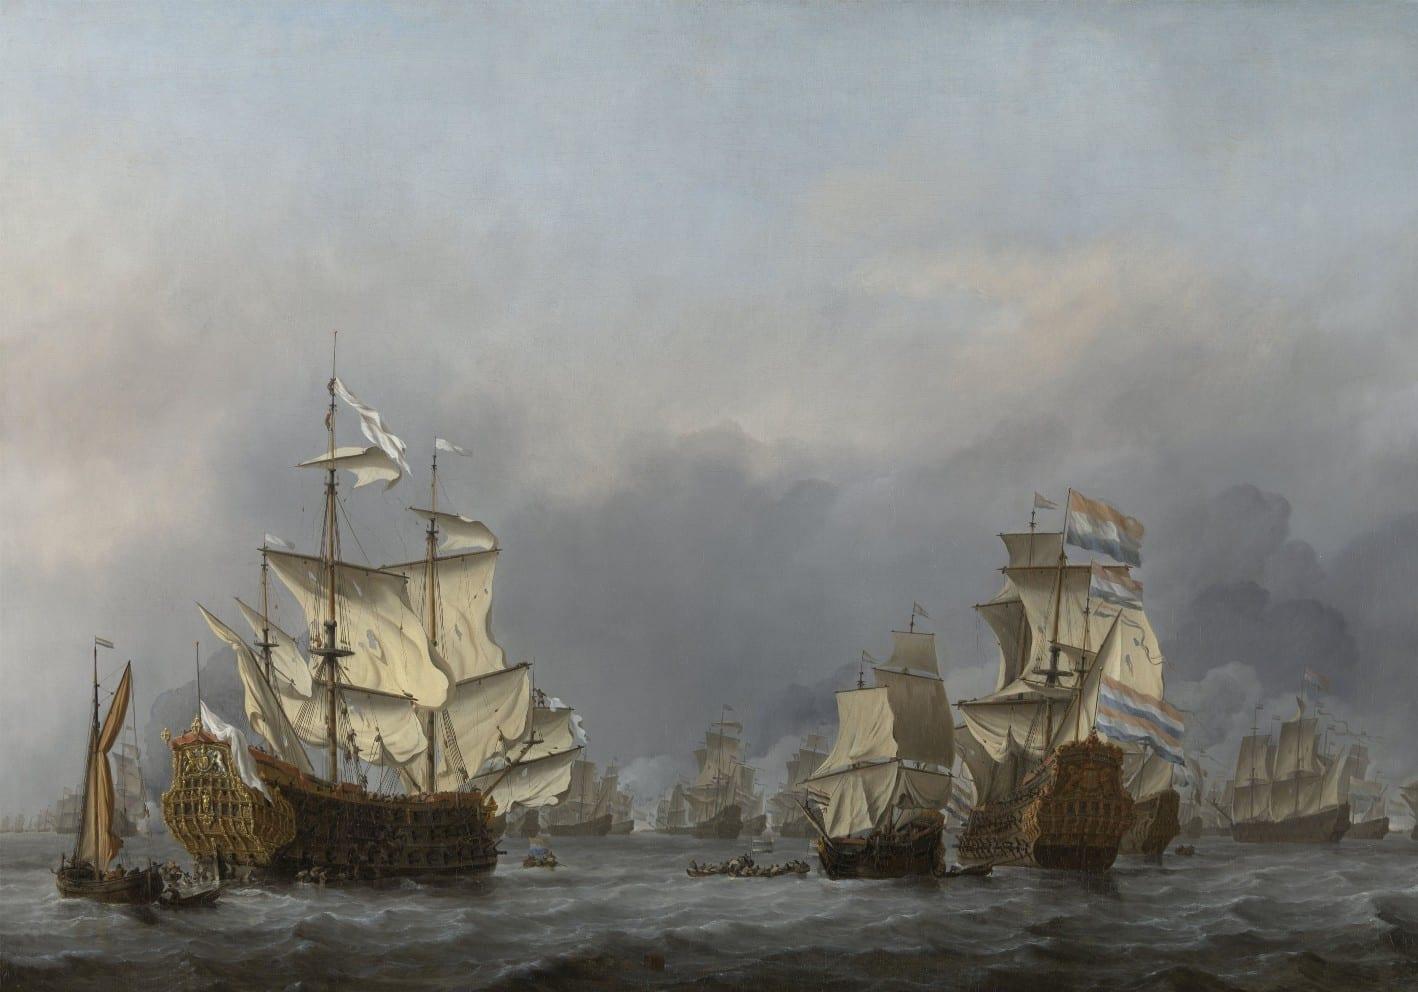 De overgave van de Royal Prince - Willem van de Velde (II)